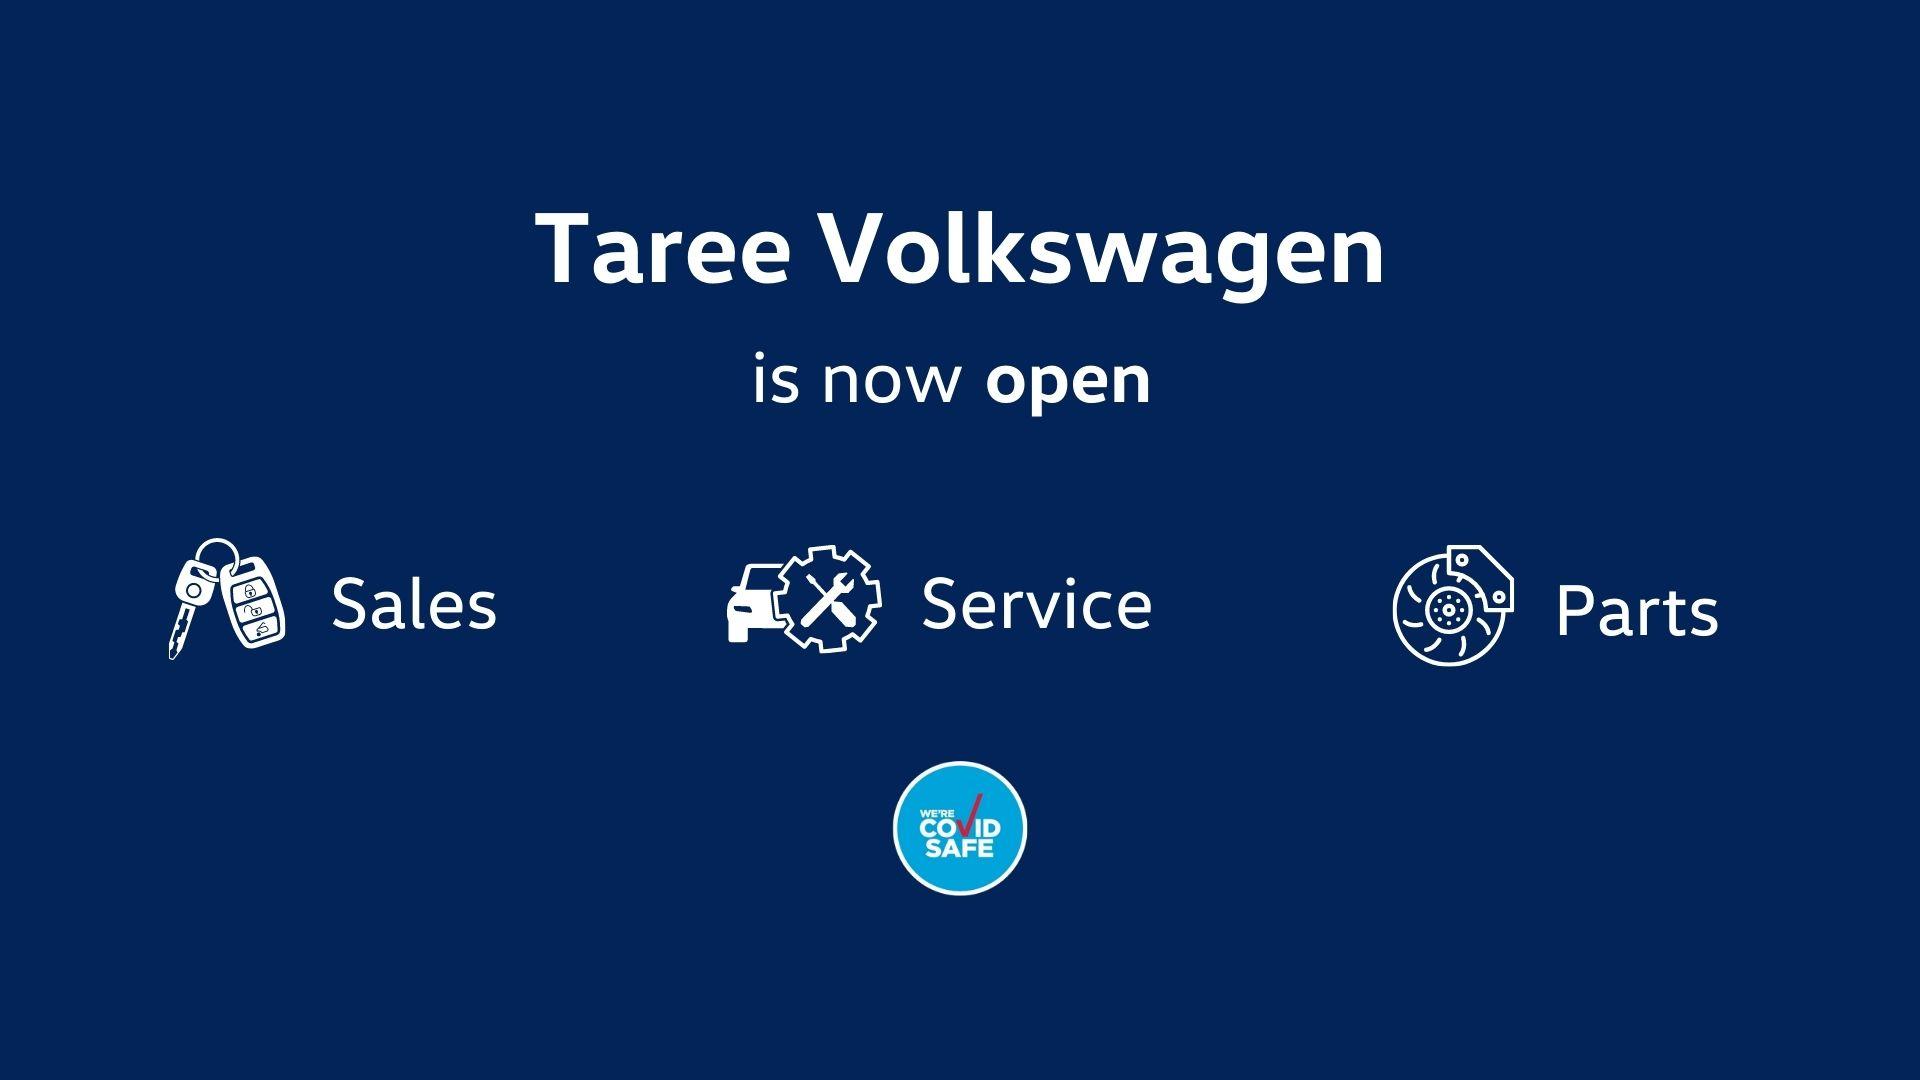 Taree Volkswagen now open